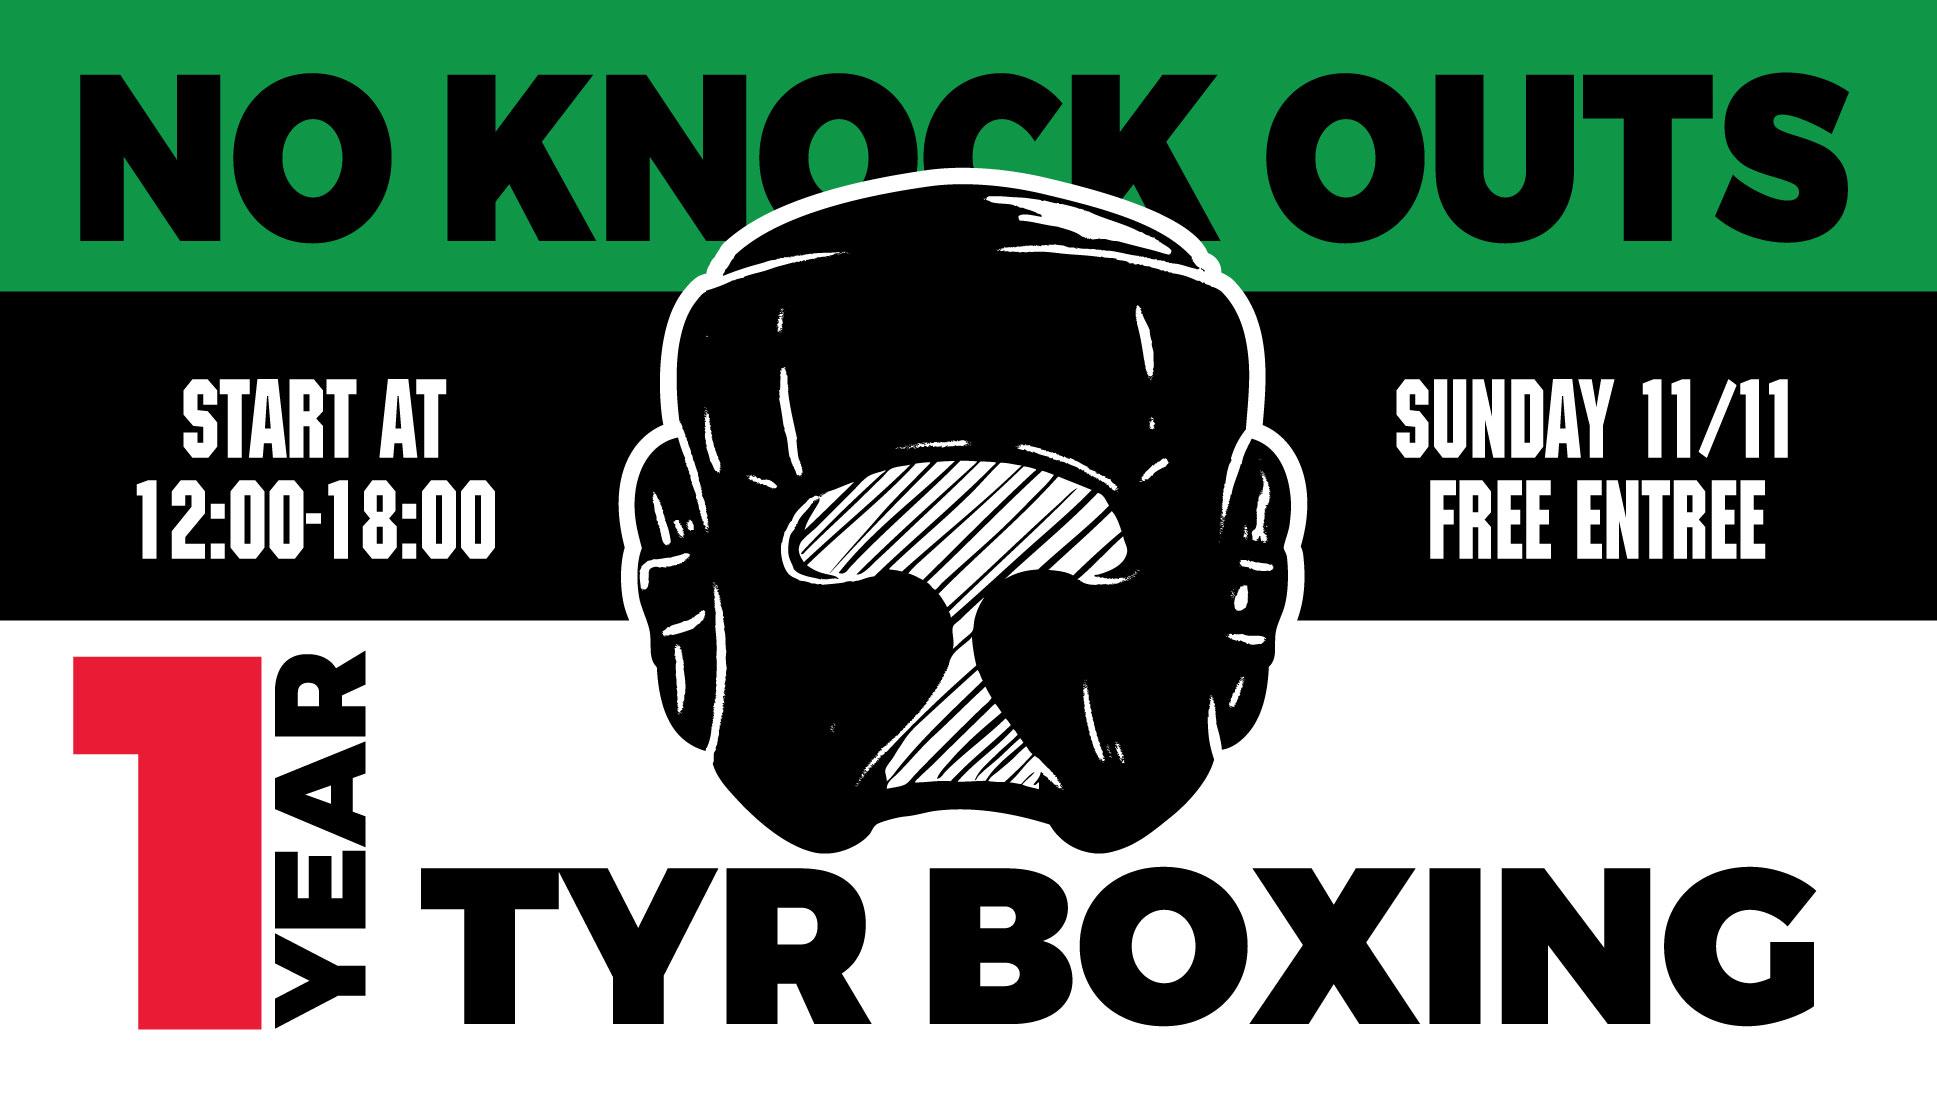 1 jaar TYR Boxing & No Knock outs!! Kom jij ook?